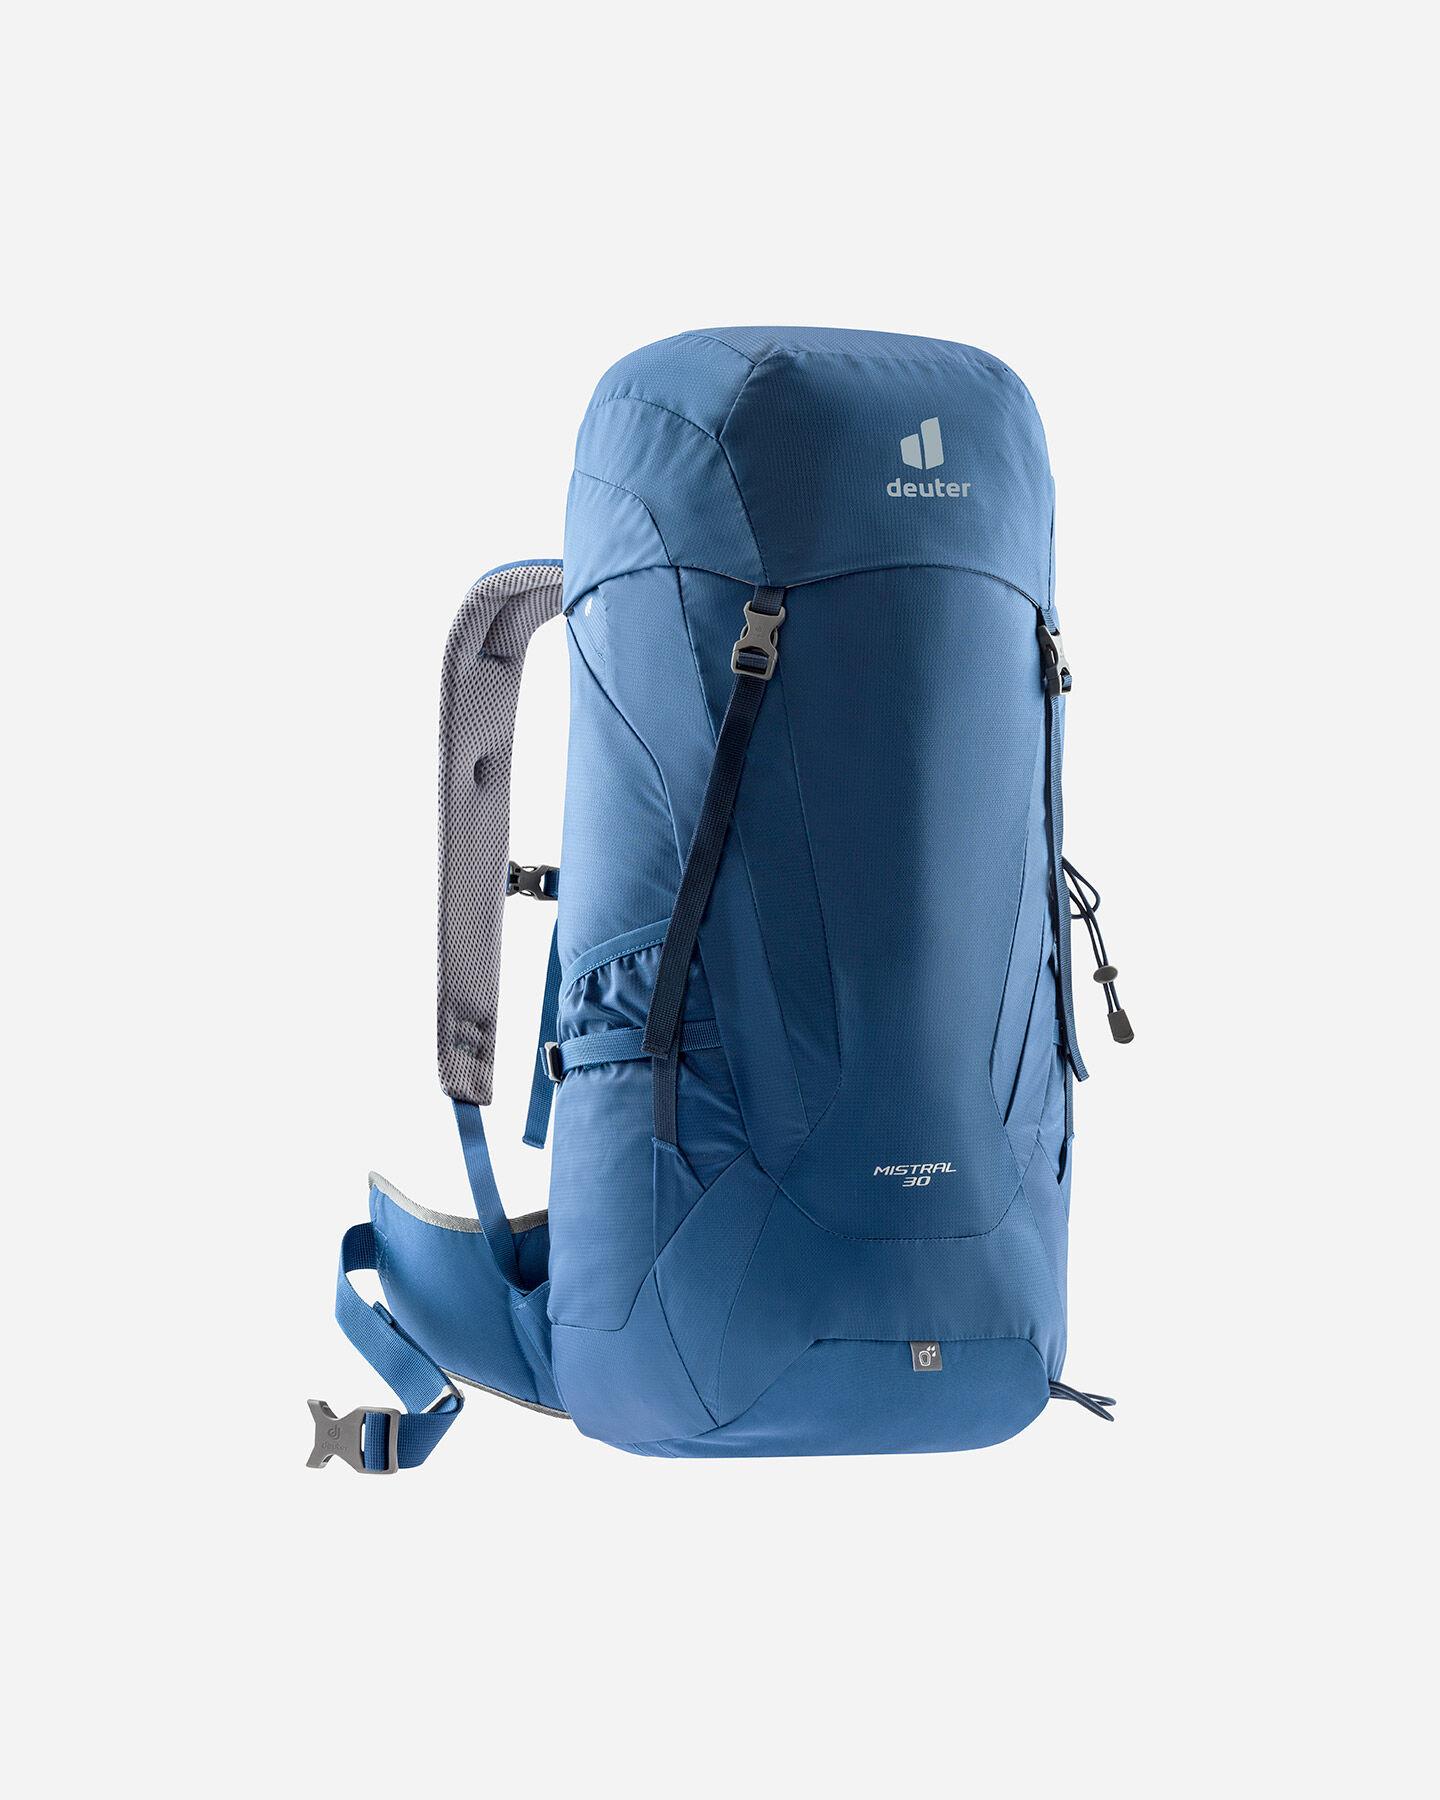 Zaino escursionismo DEUTER MISTRAL 30 SMU S4090241 3020 UNI scatto 0